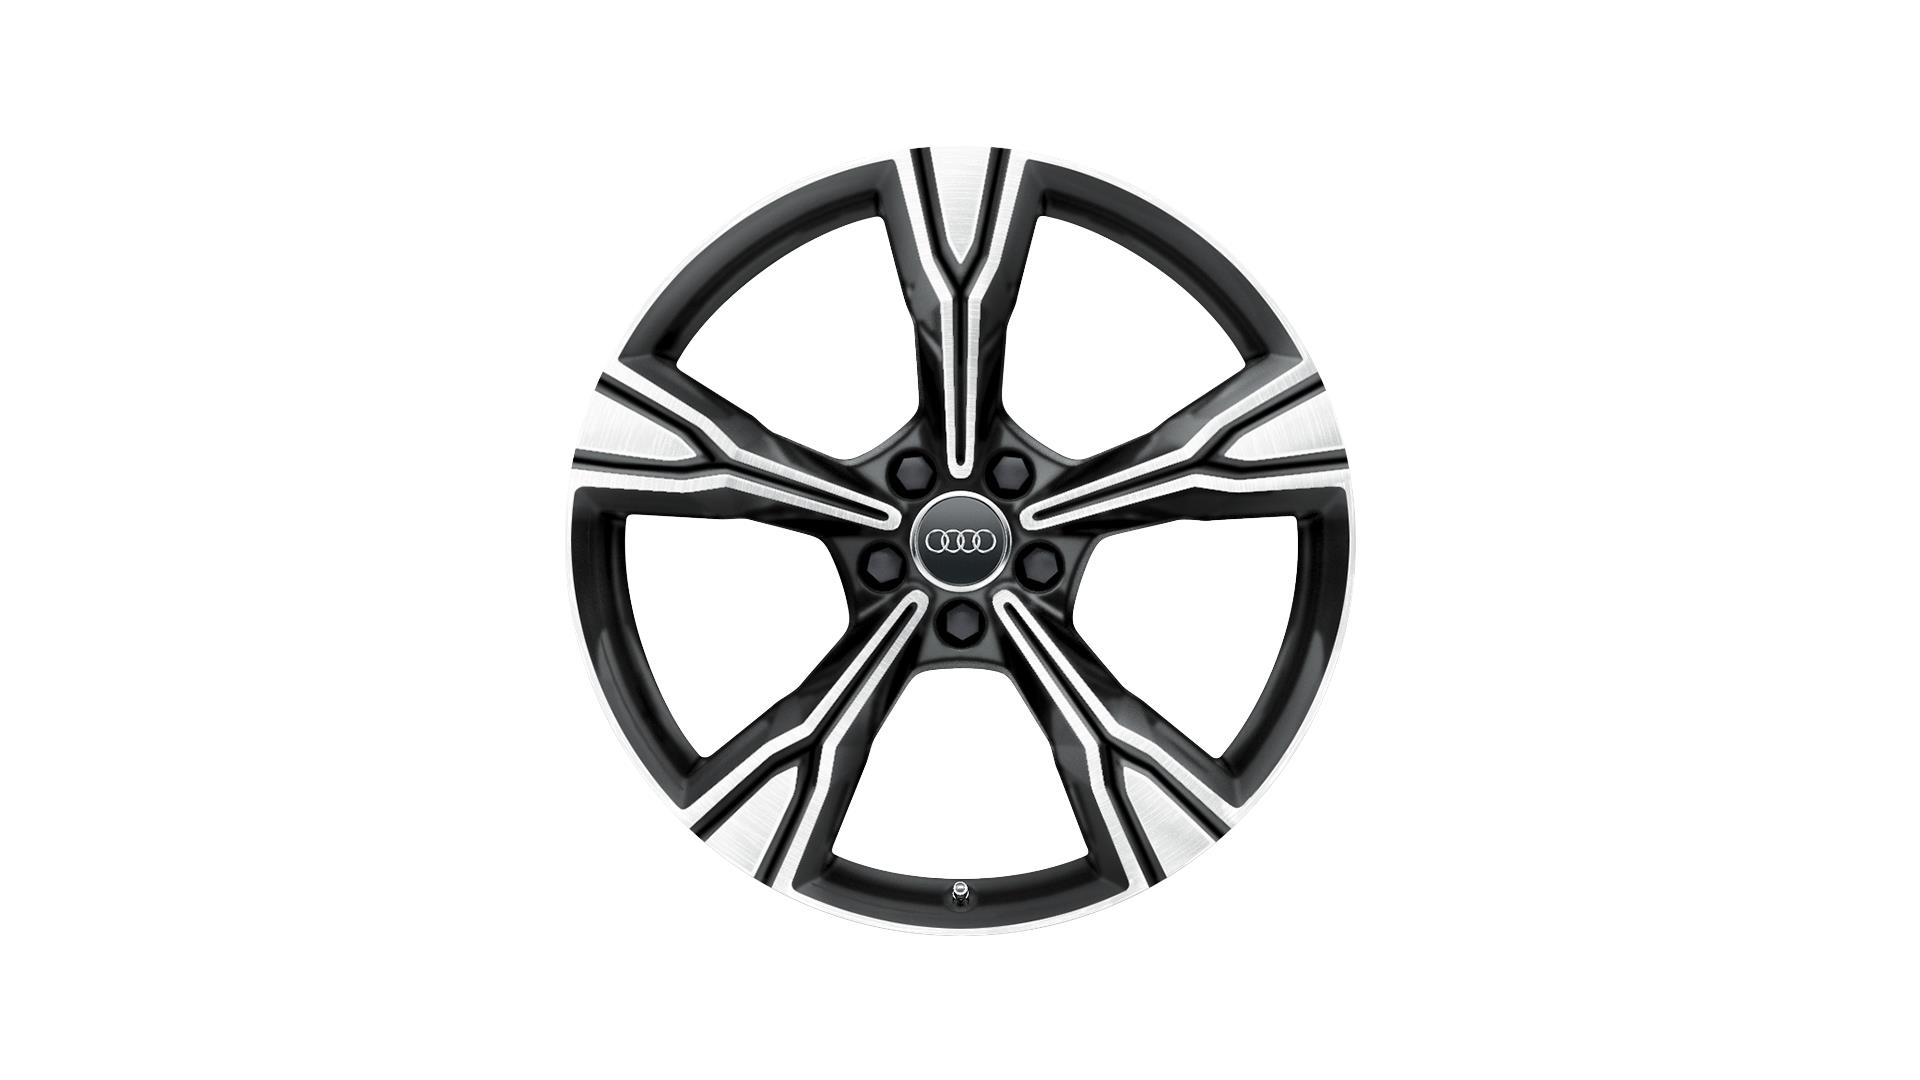 Audi Genuine Accessories